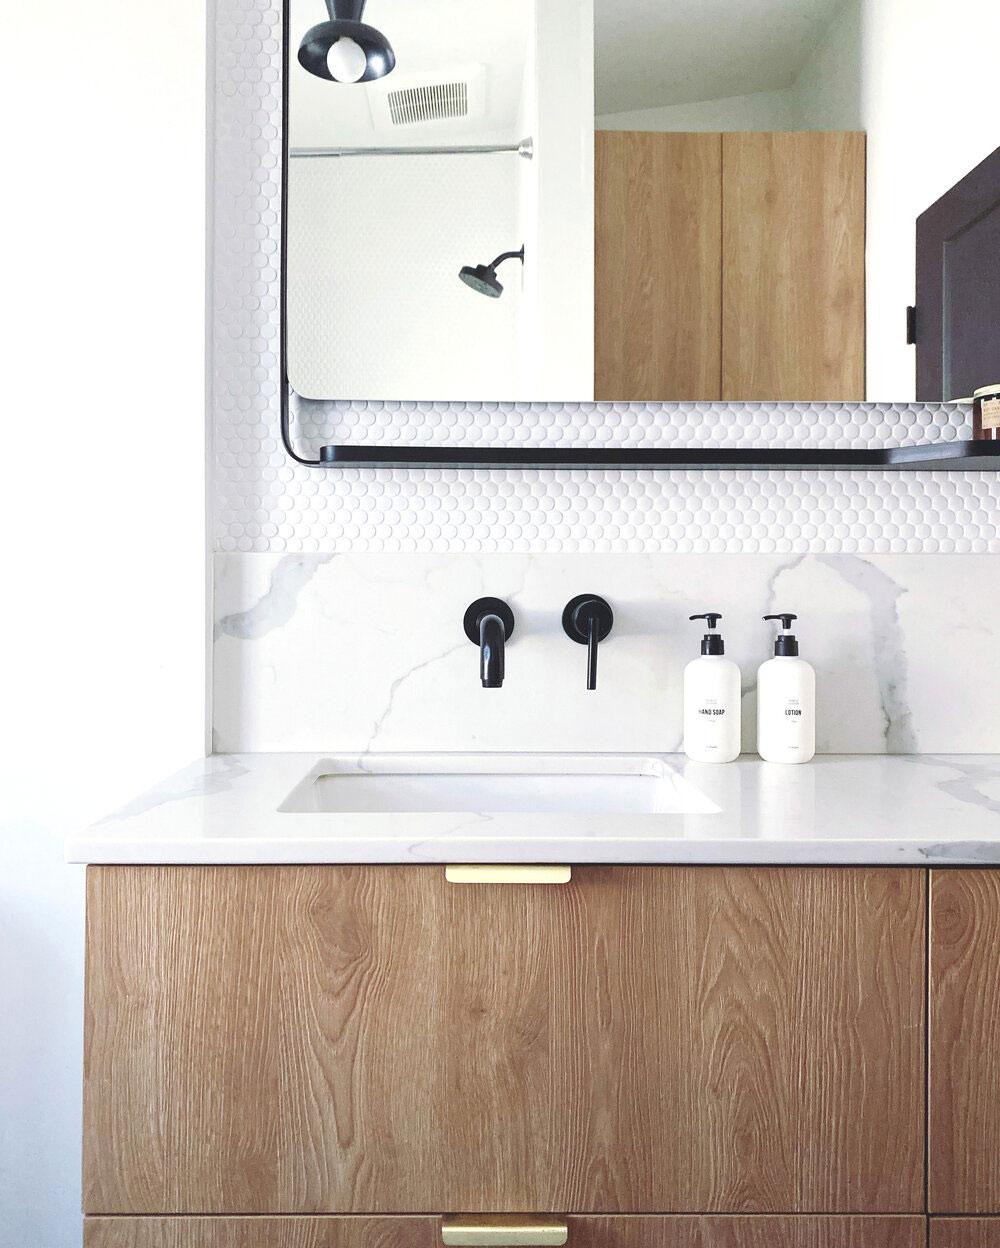 ikea badkamer godmorgen marmeren werkblad